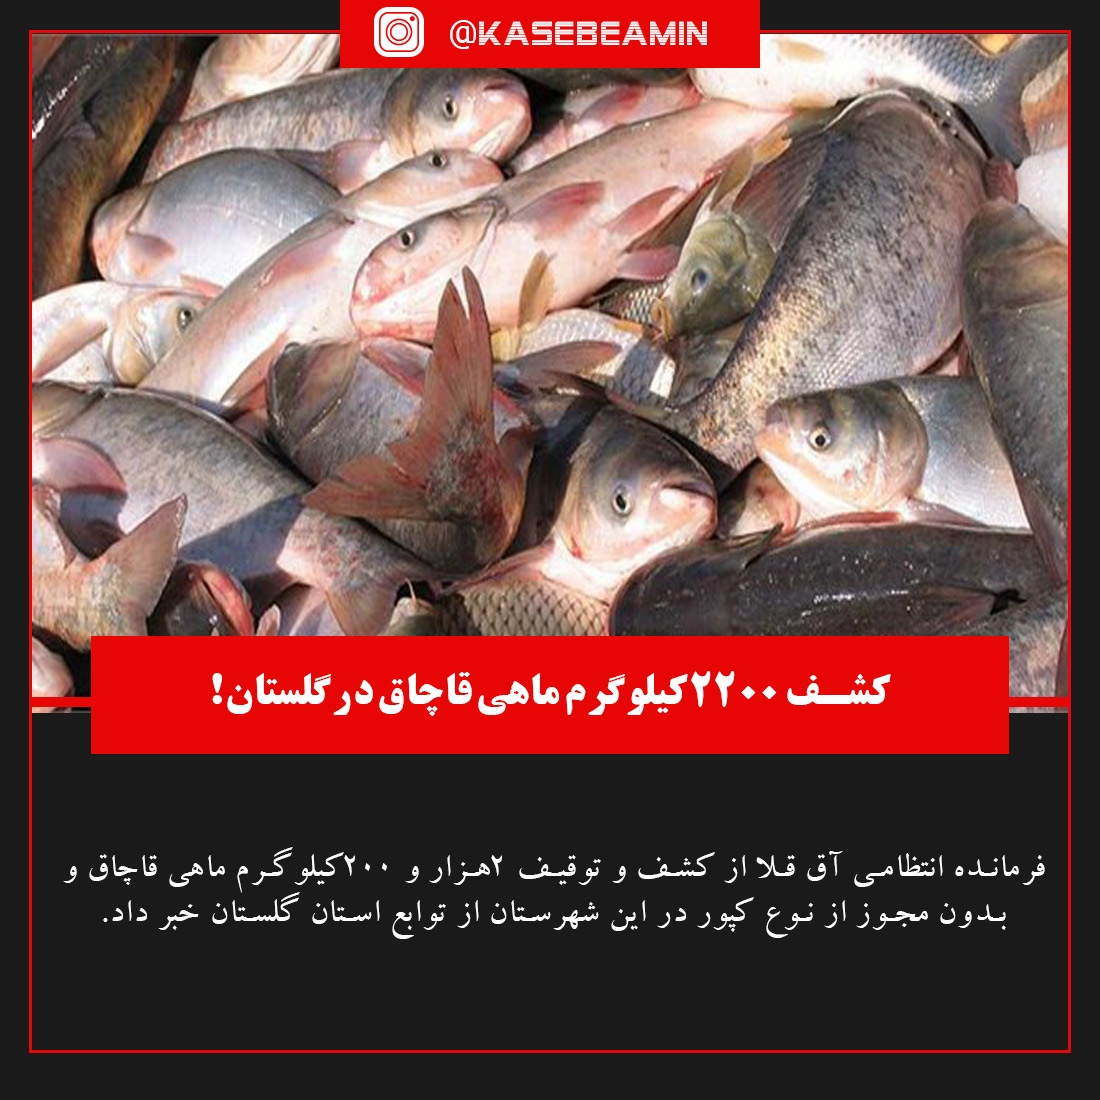 بی تدبیری دولت در گلستان تا اخراج نیرو ها4